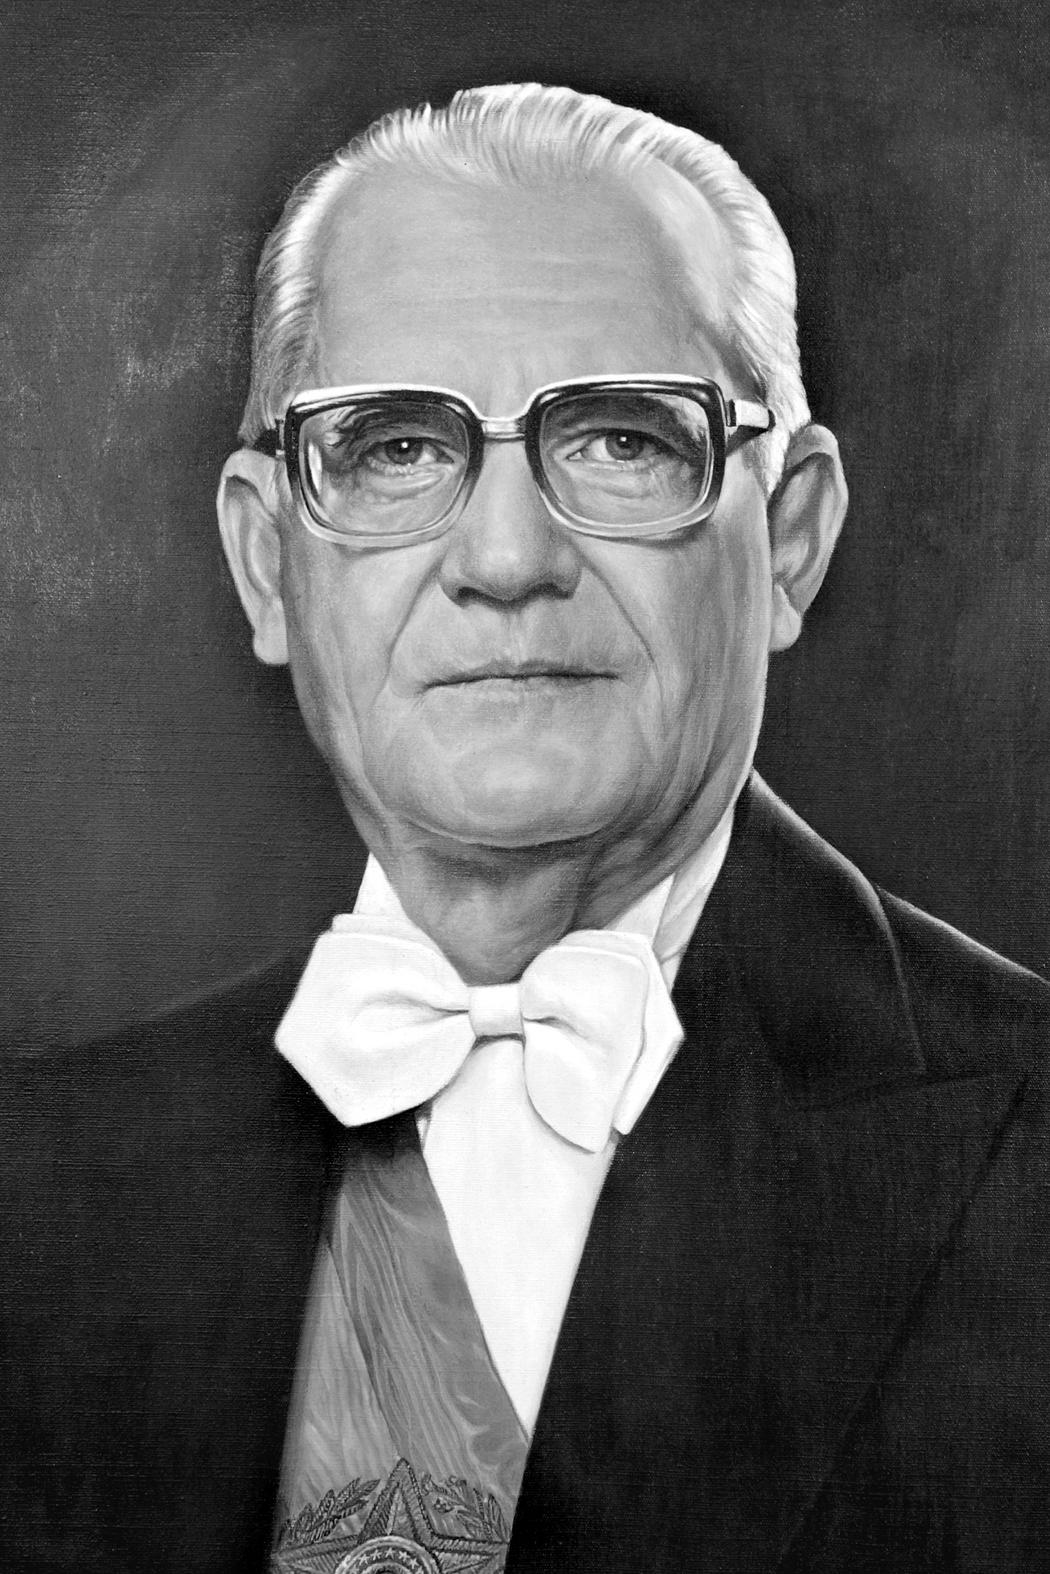 Depiction of Ernesto Geisel